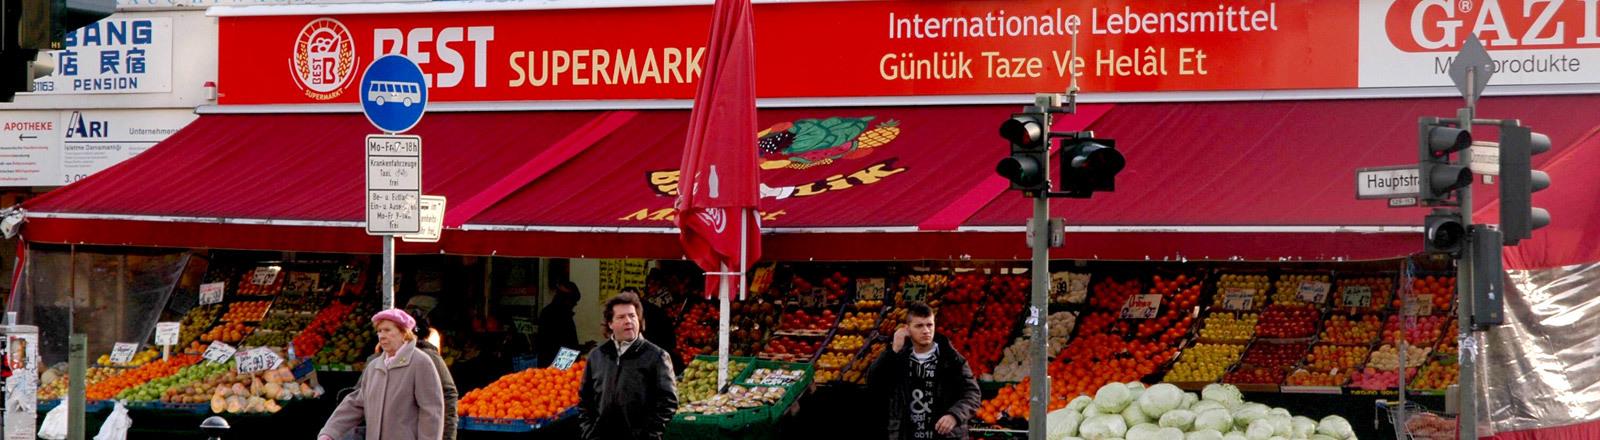 Ein türkisches Lebensmittelgeschäft